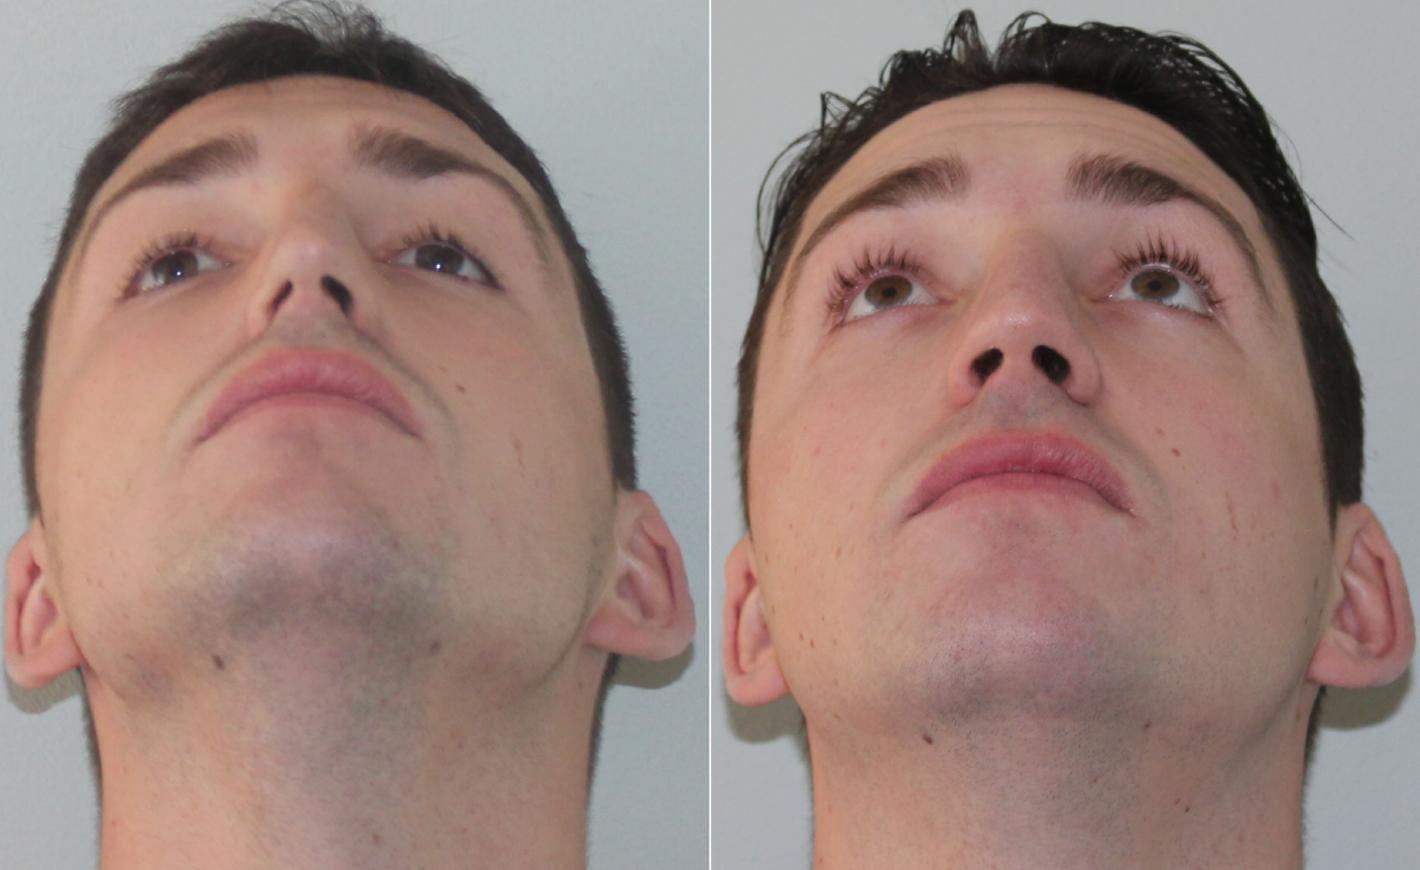 Восстановление после септопластики, послеоперационный период и реабилитация после септопластики носа